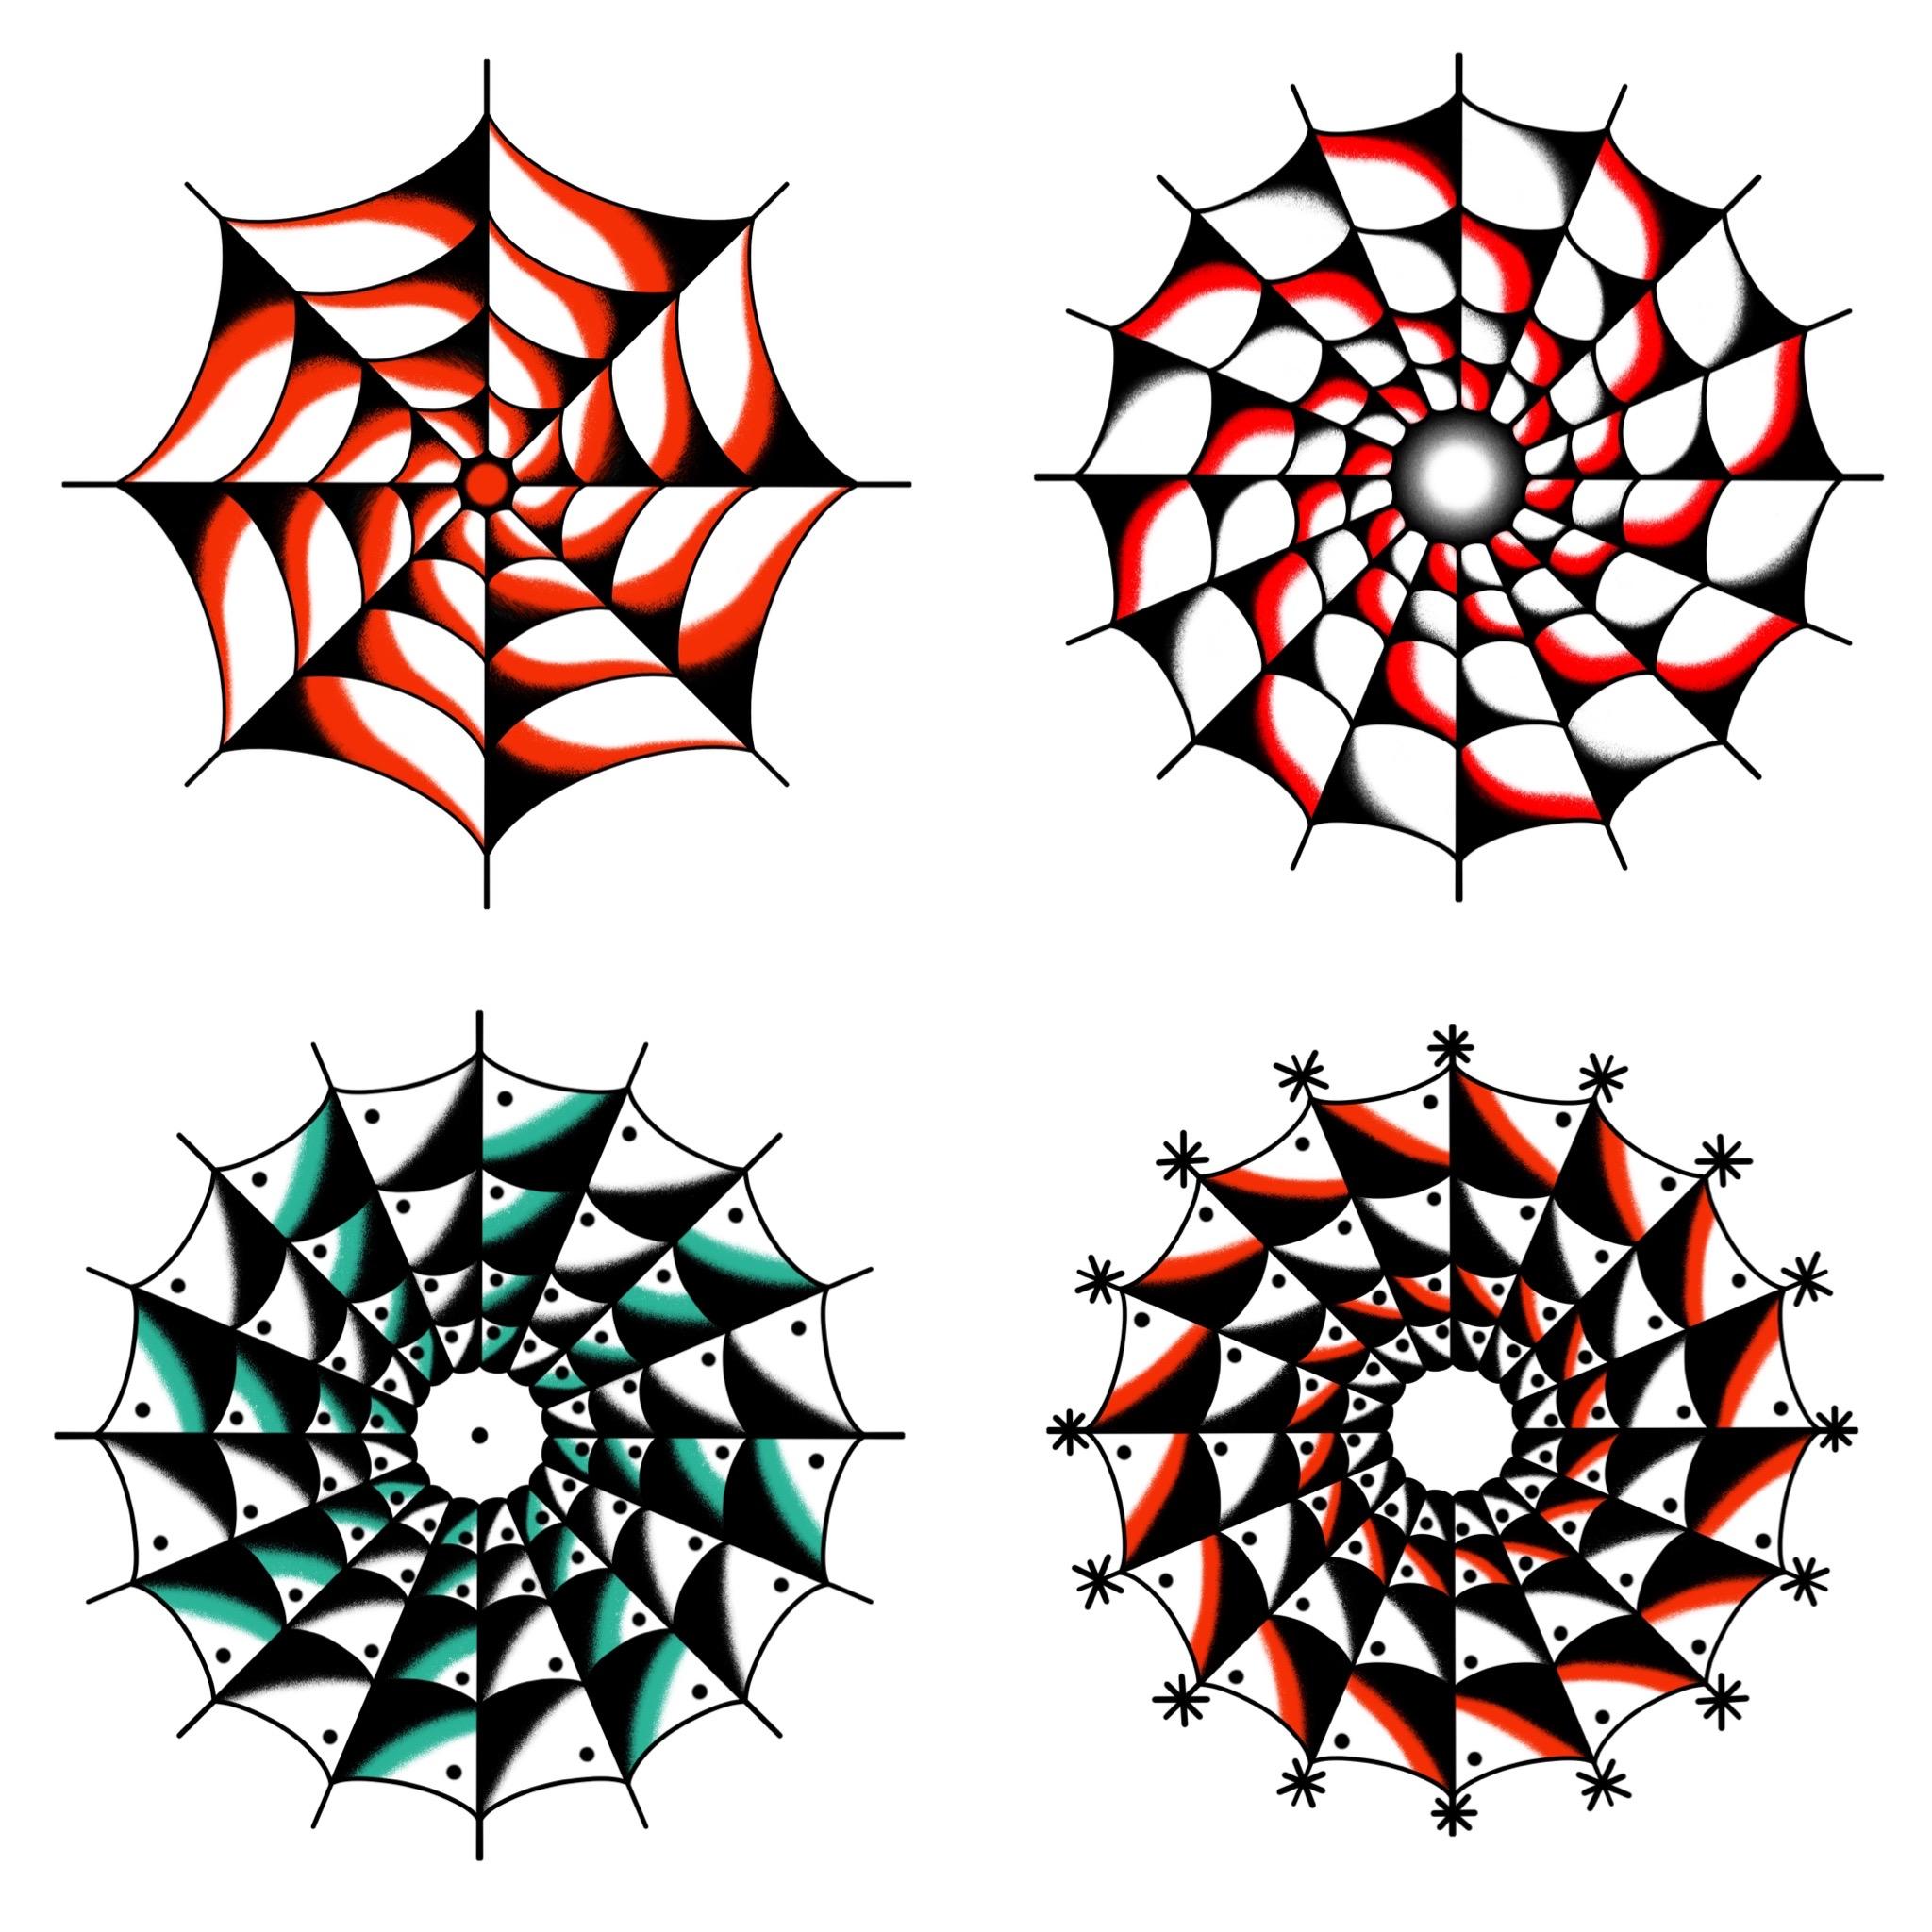 トラディショナル定番の蜘蛛の巣モチーフのデザイン タトゥーデザイン トラディショナル 《東京タトゥースタジオ》